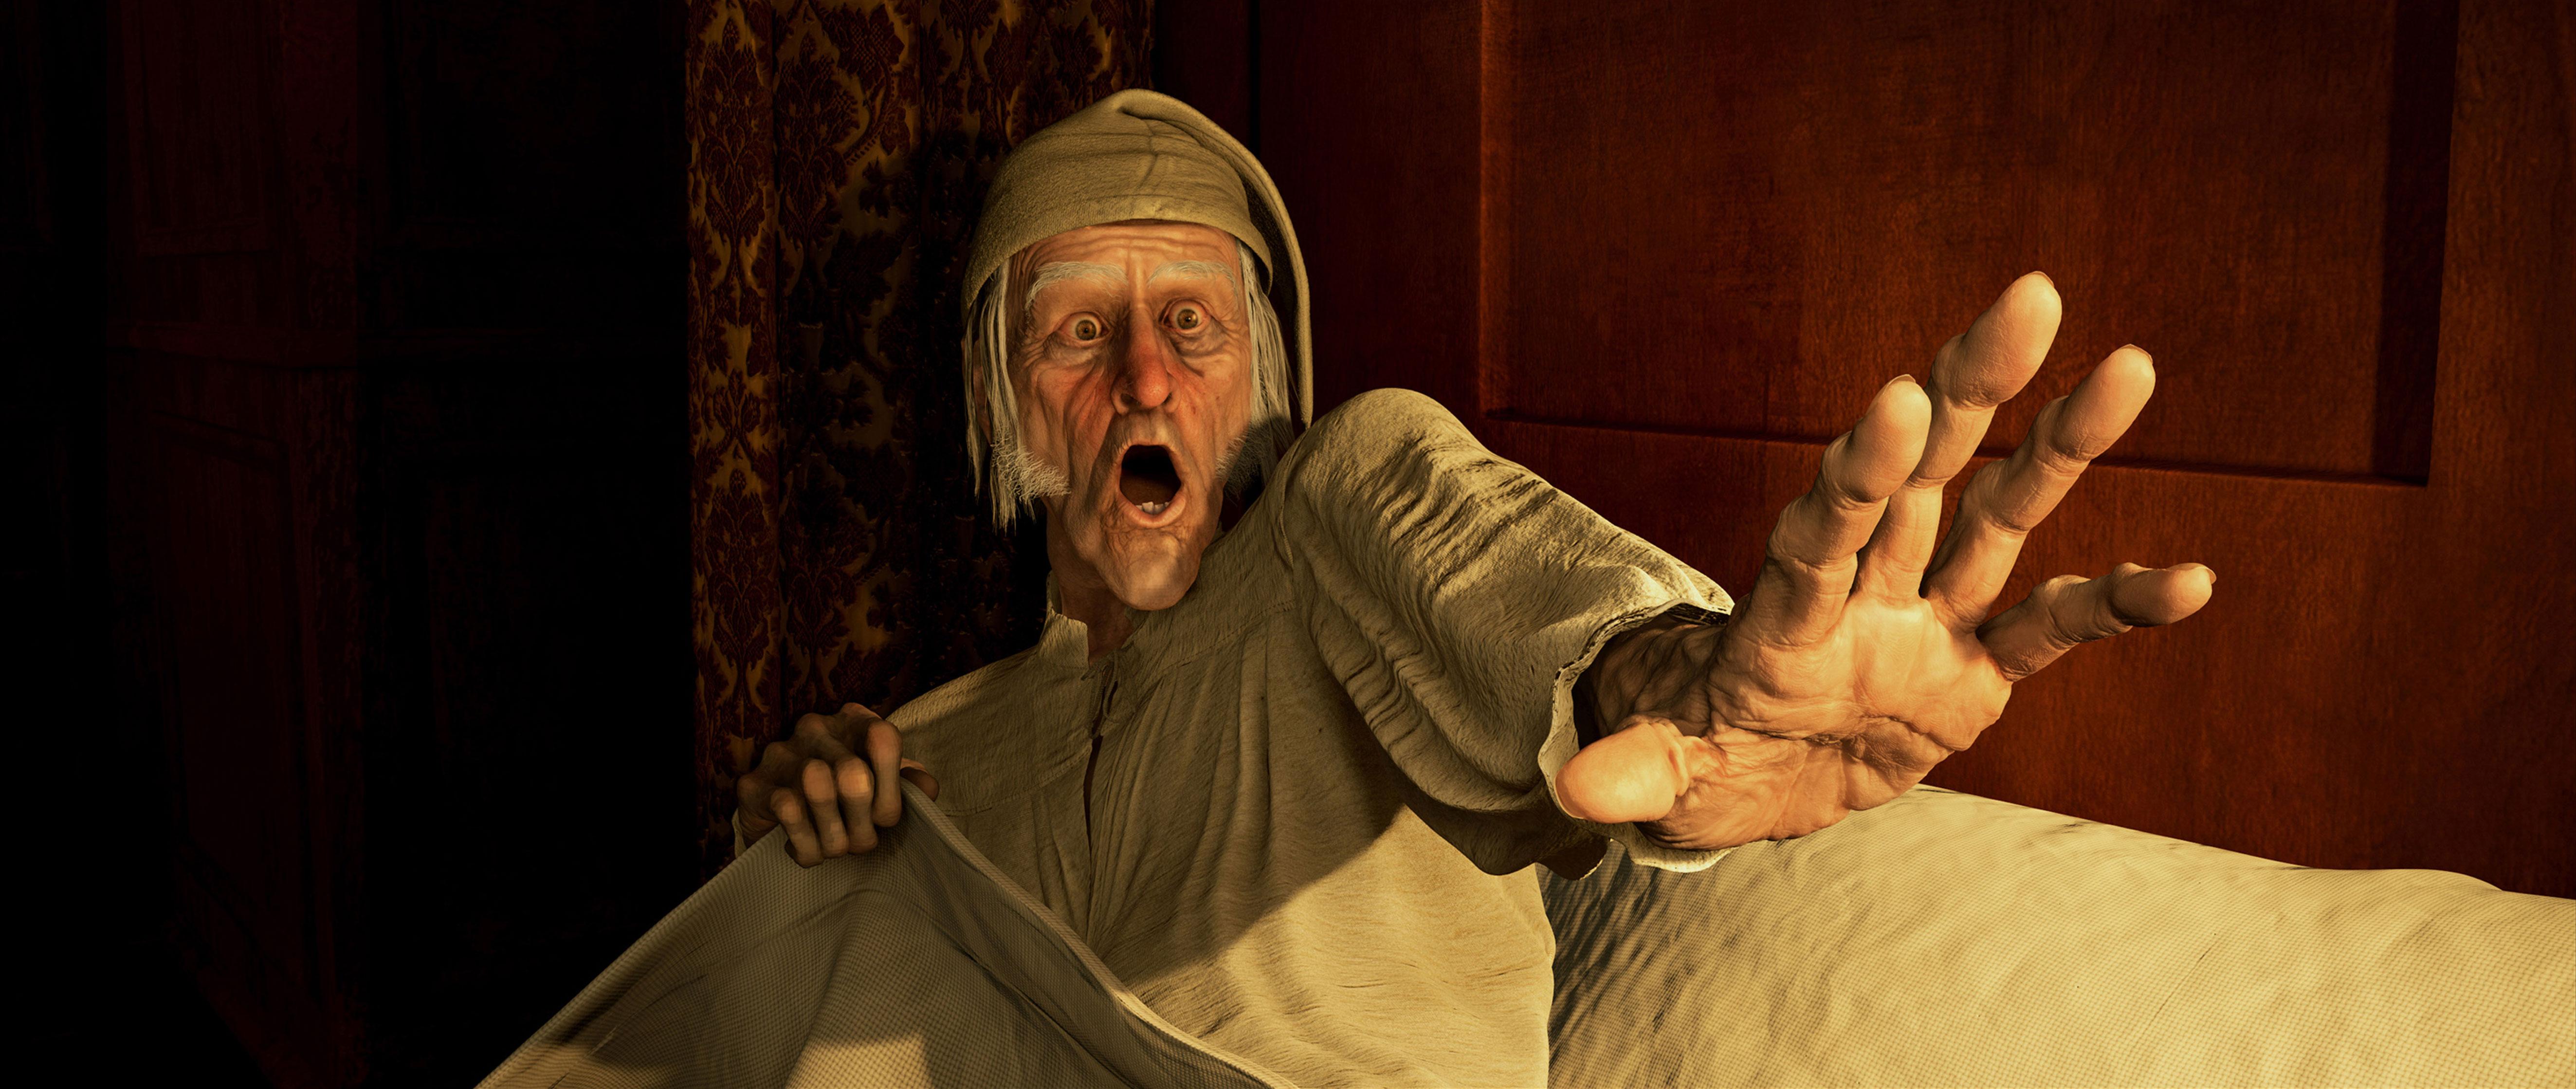 кадры из фильма Рождественская история 3D Джим Кэрри,